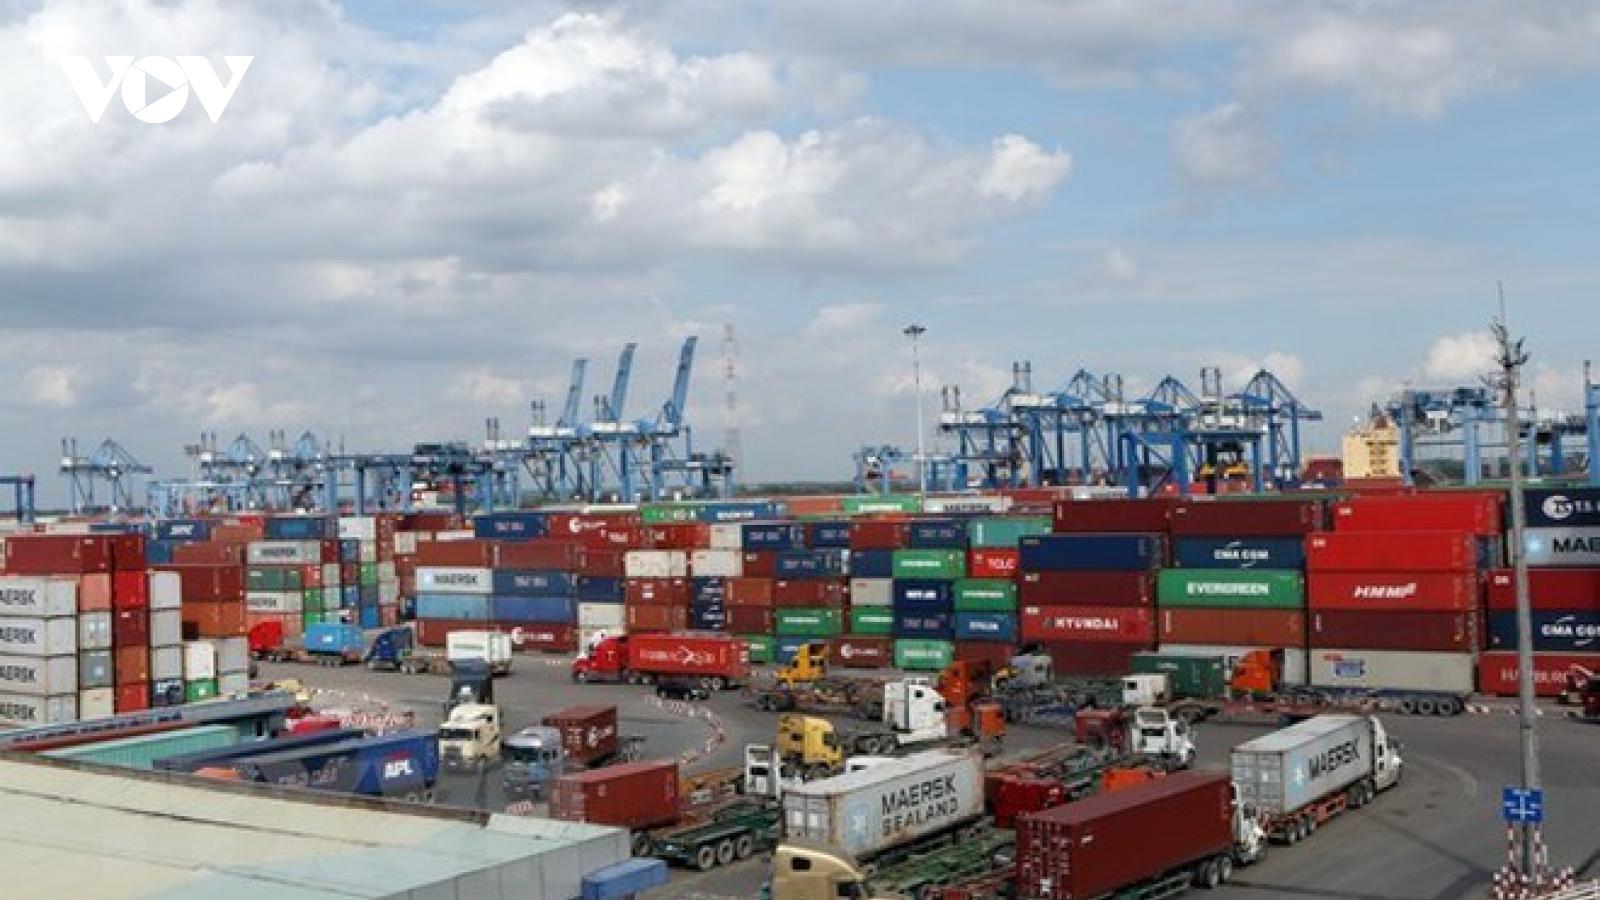 Thiếu container khiến doanh nghiệp xuất khẩu ở TPHCM khó khăn